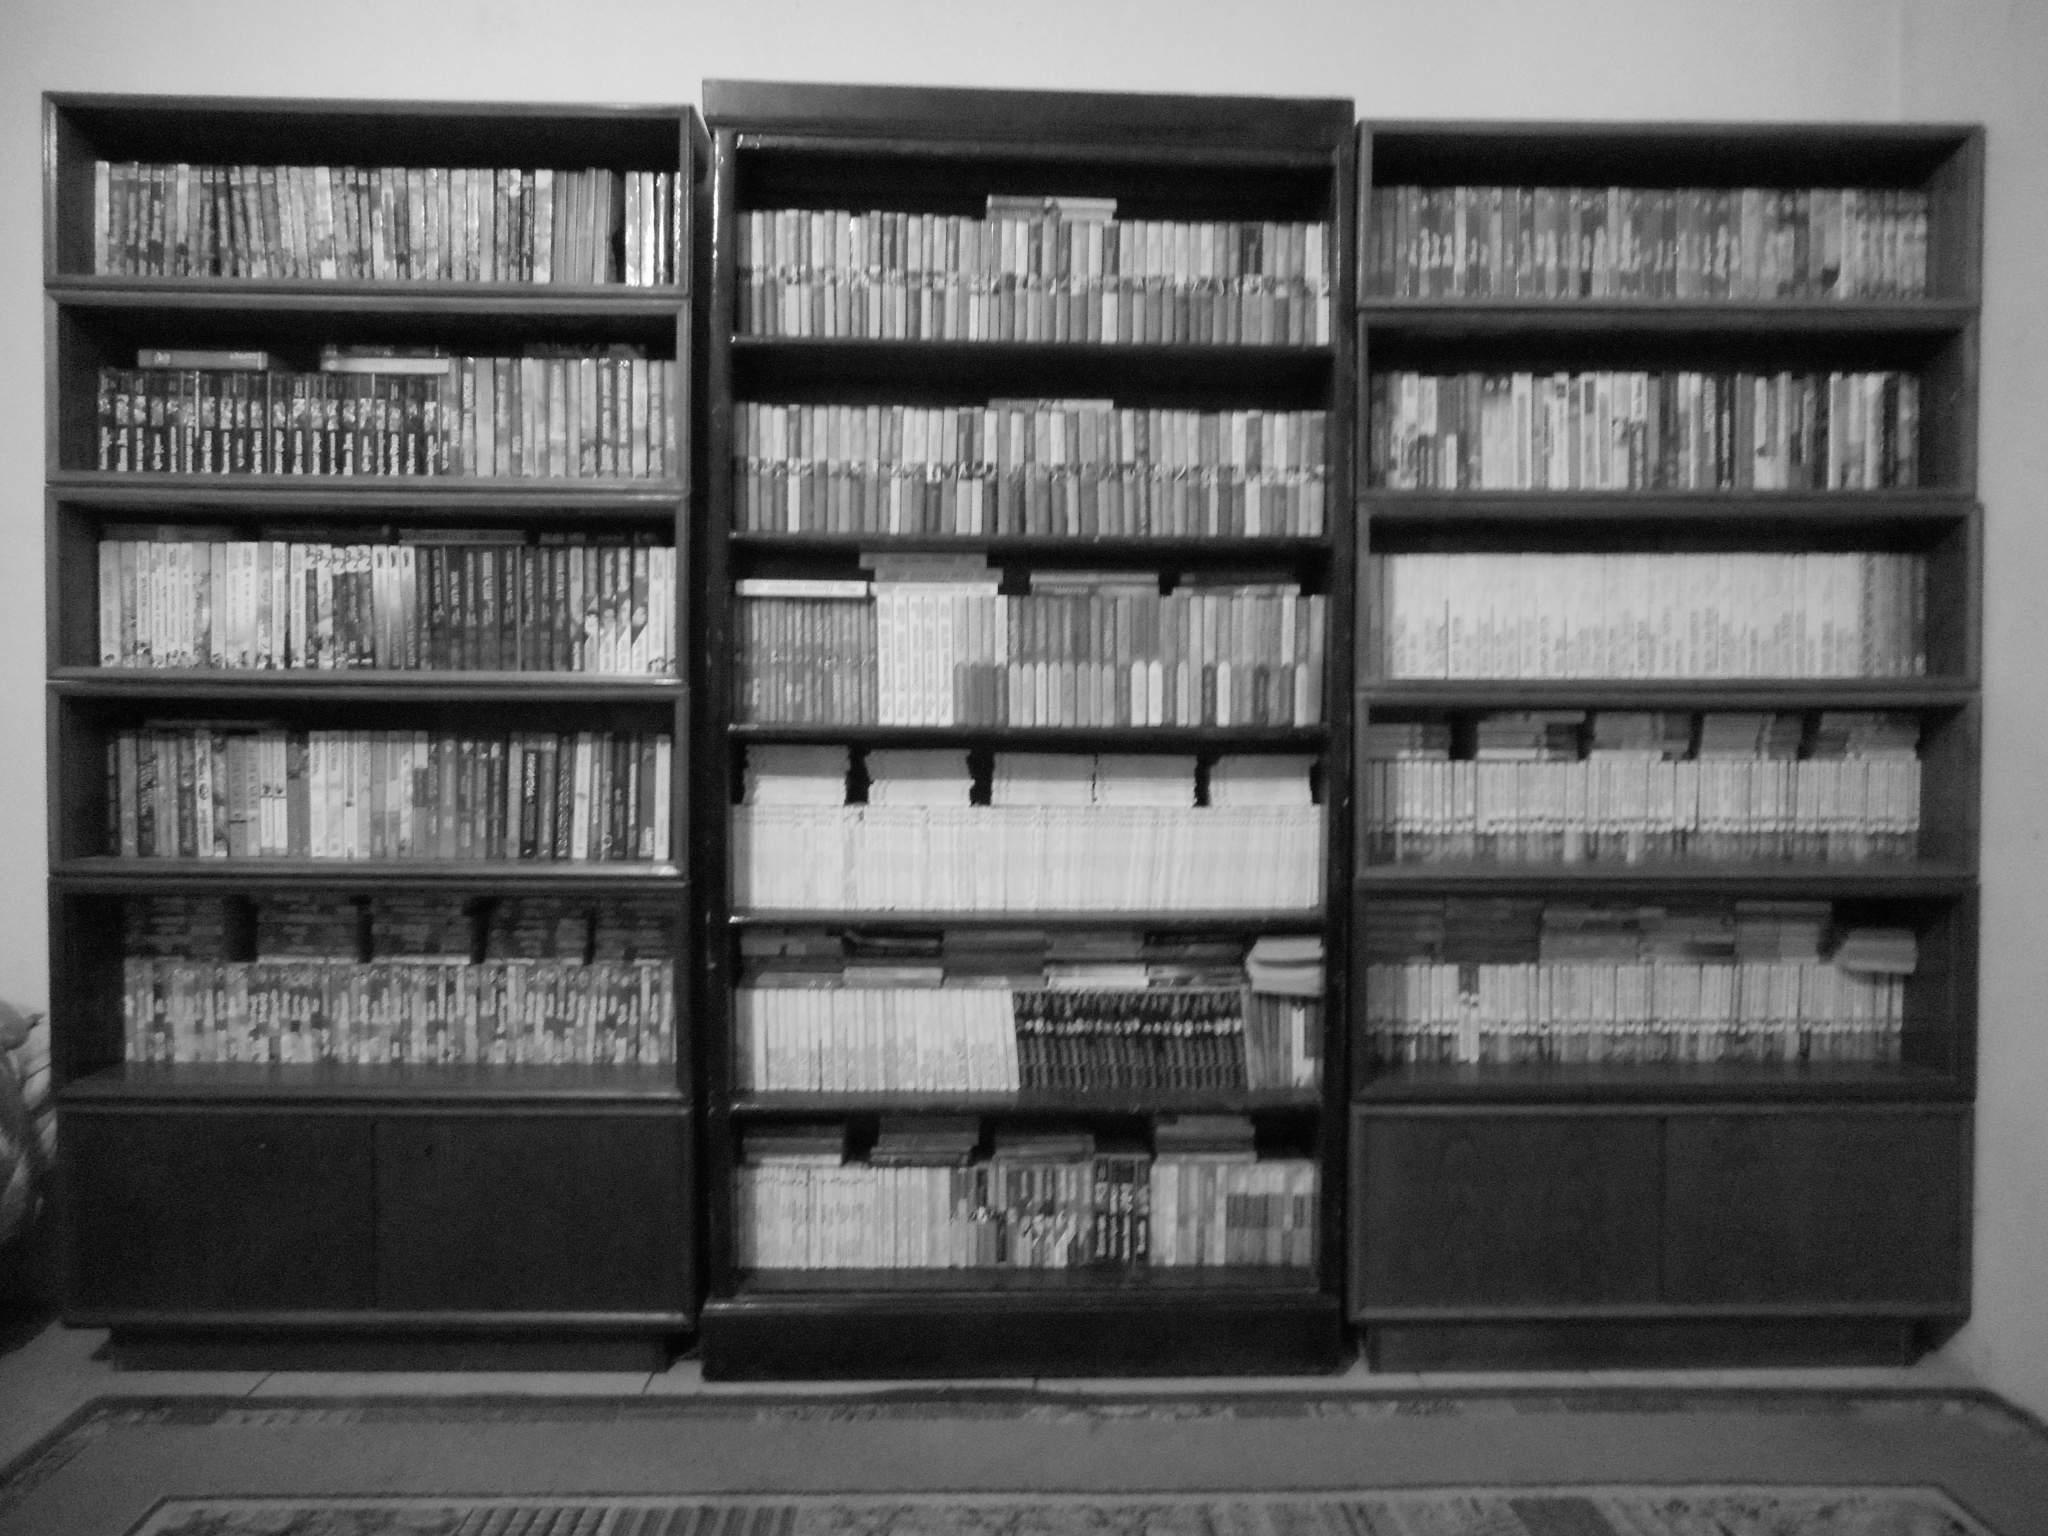 Библиотека порнографических романов